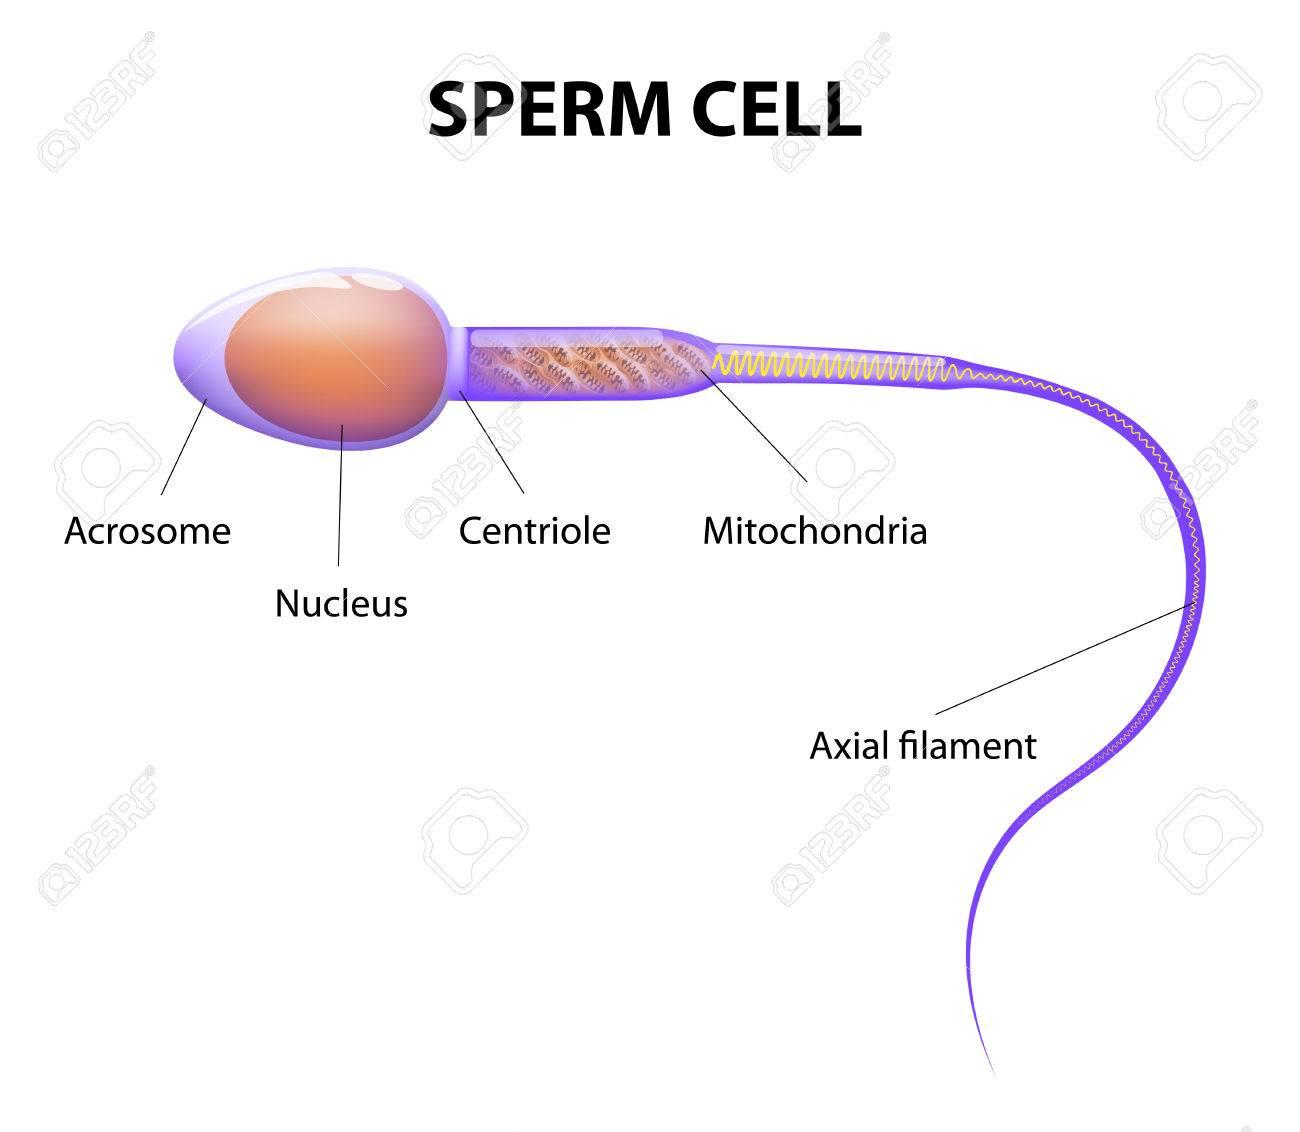 Human sperm cells